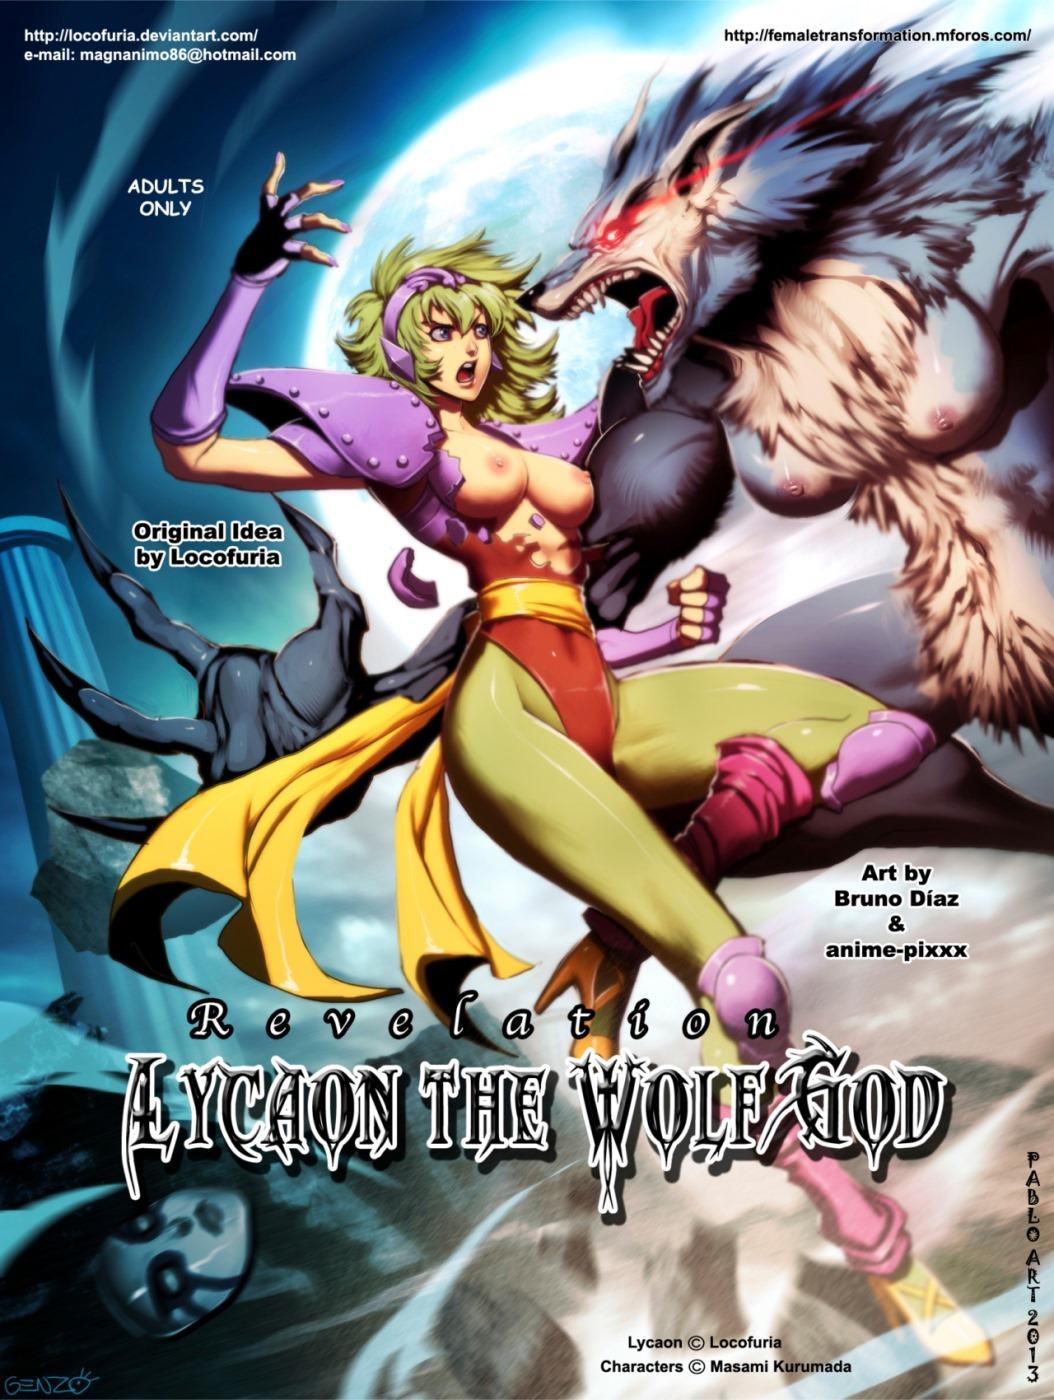 Revelation Lycaon The Wolf God image 1